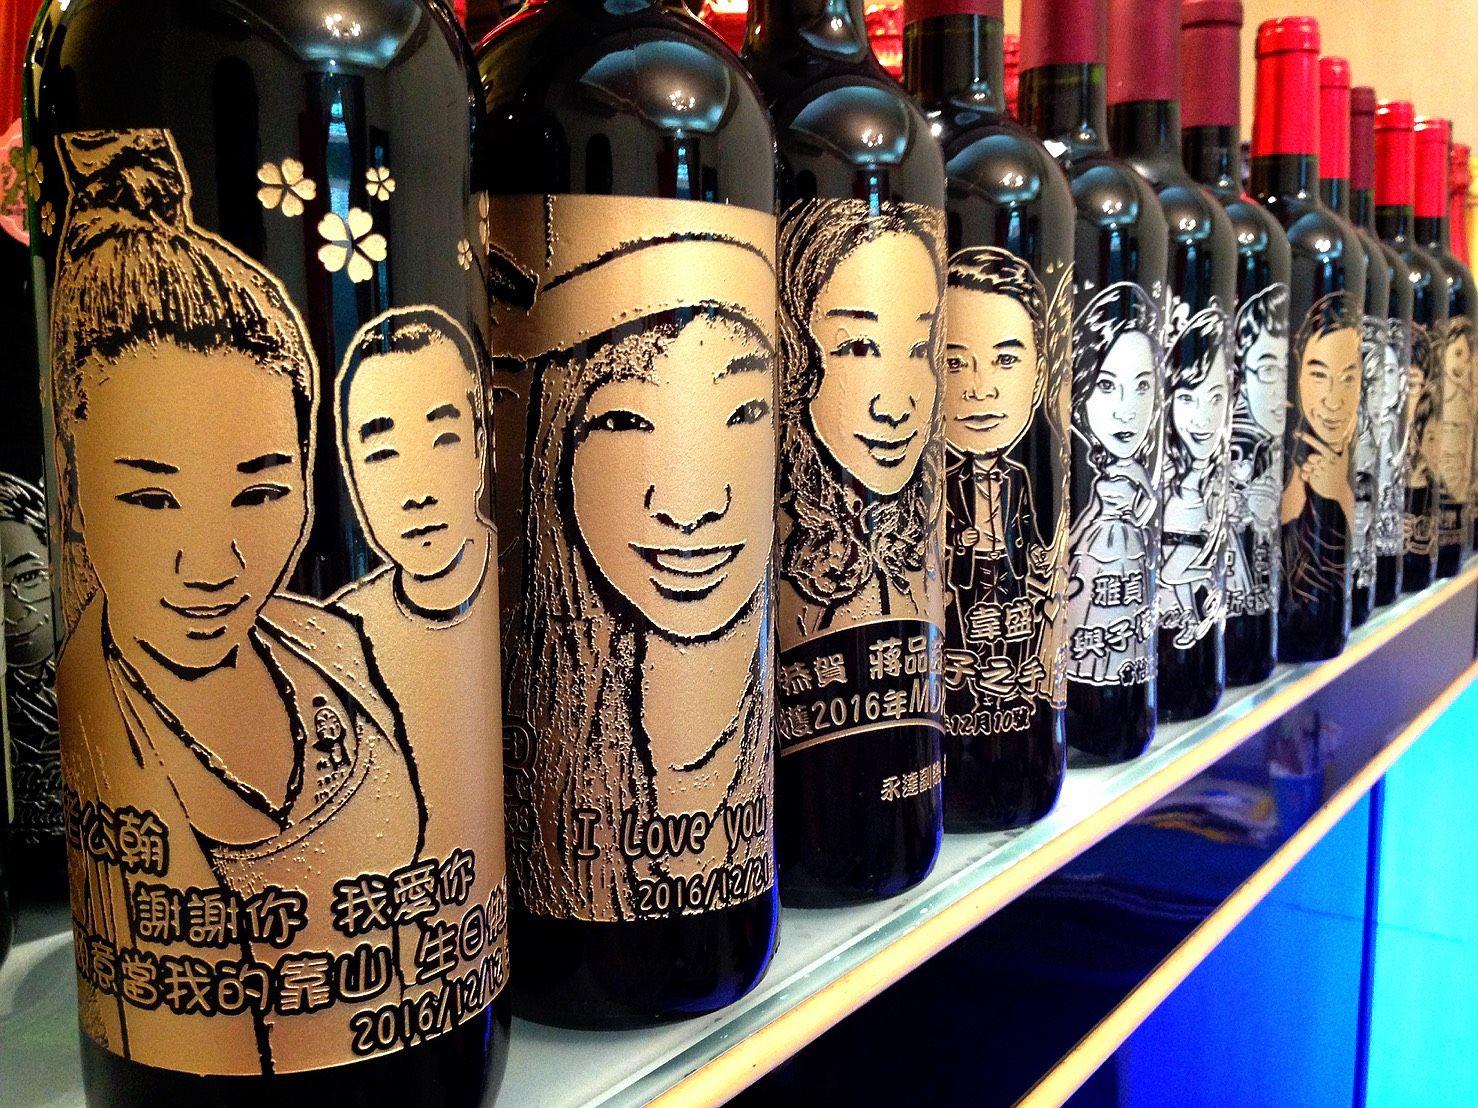 素描照片瓶雕含2位